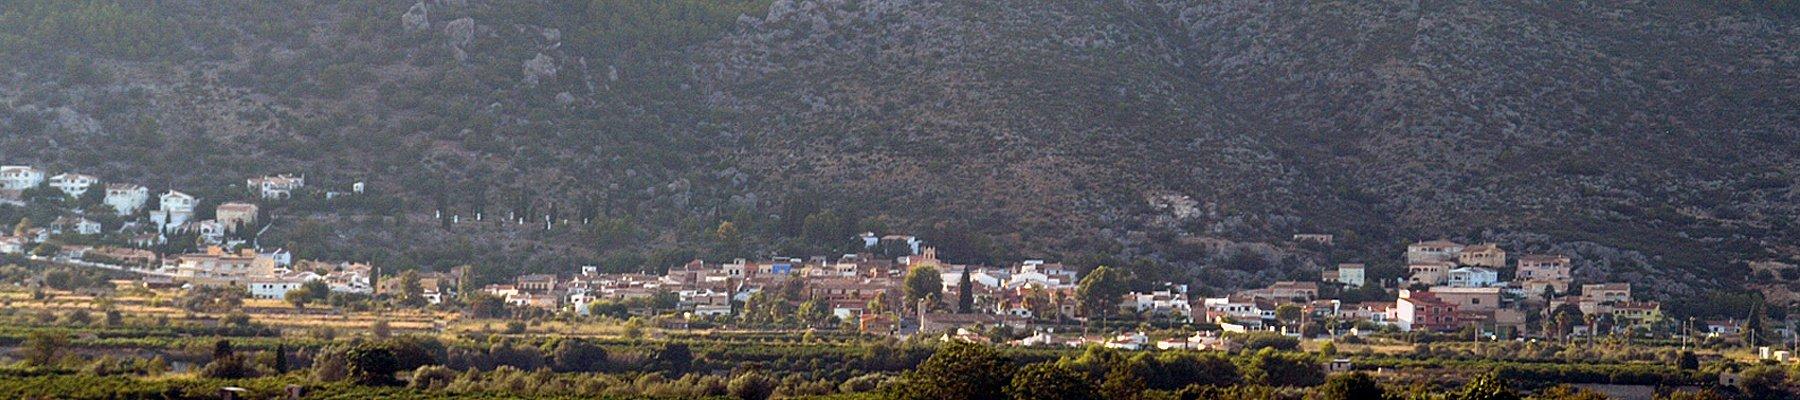 Información Socioeconómica y Laboral del Municipio de Tormos